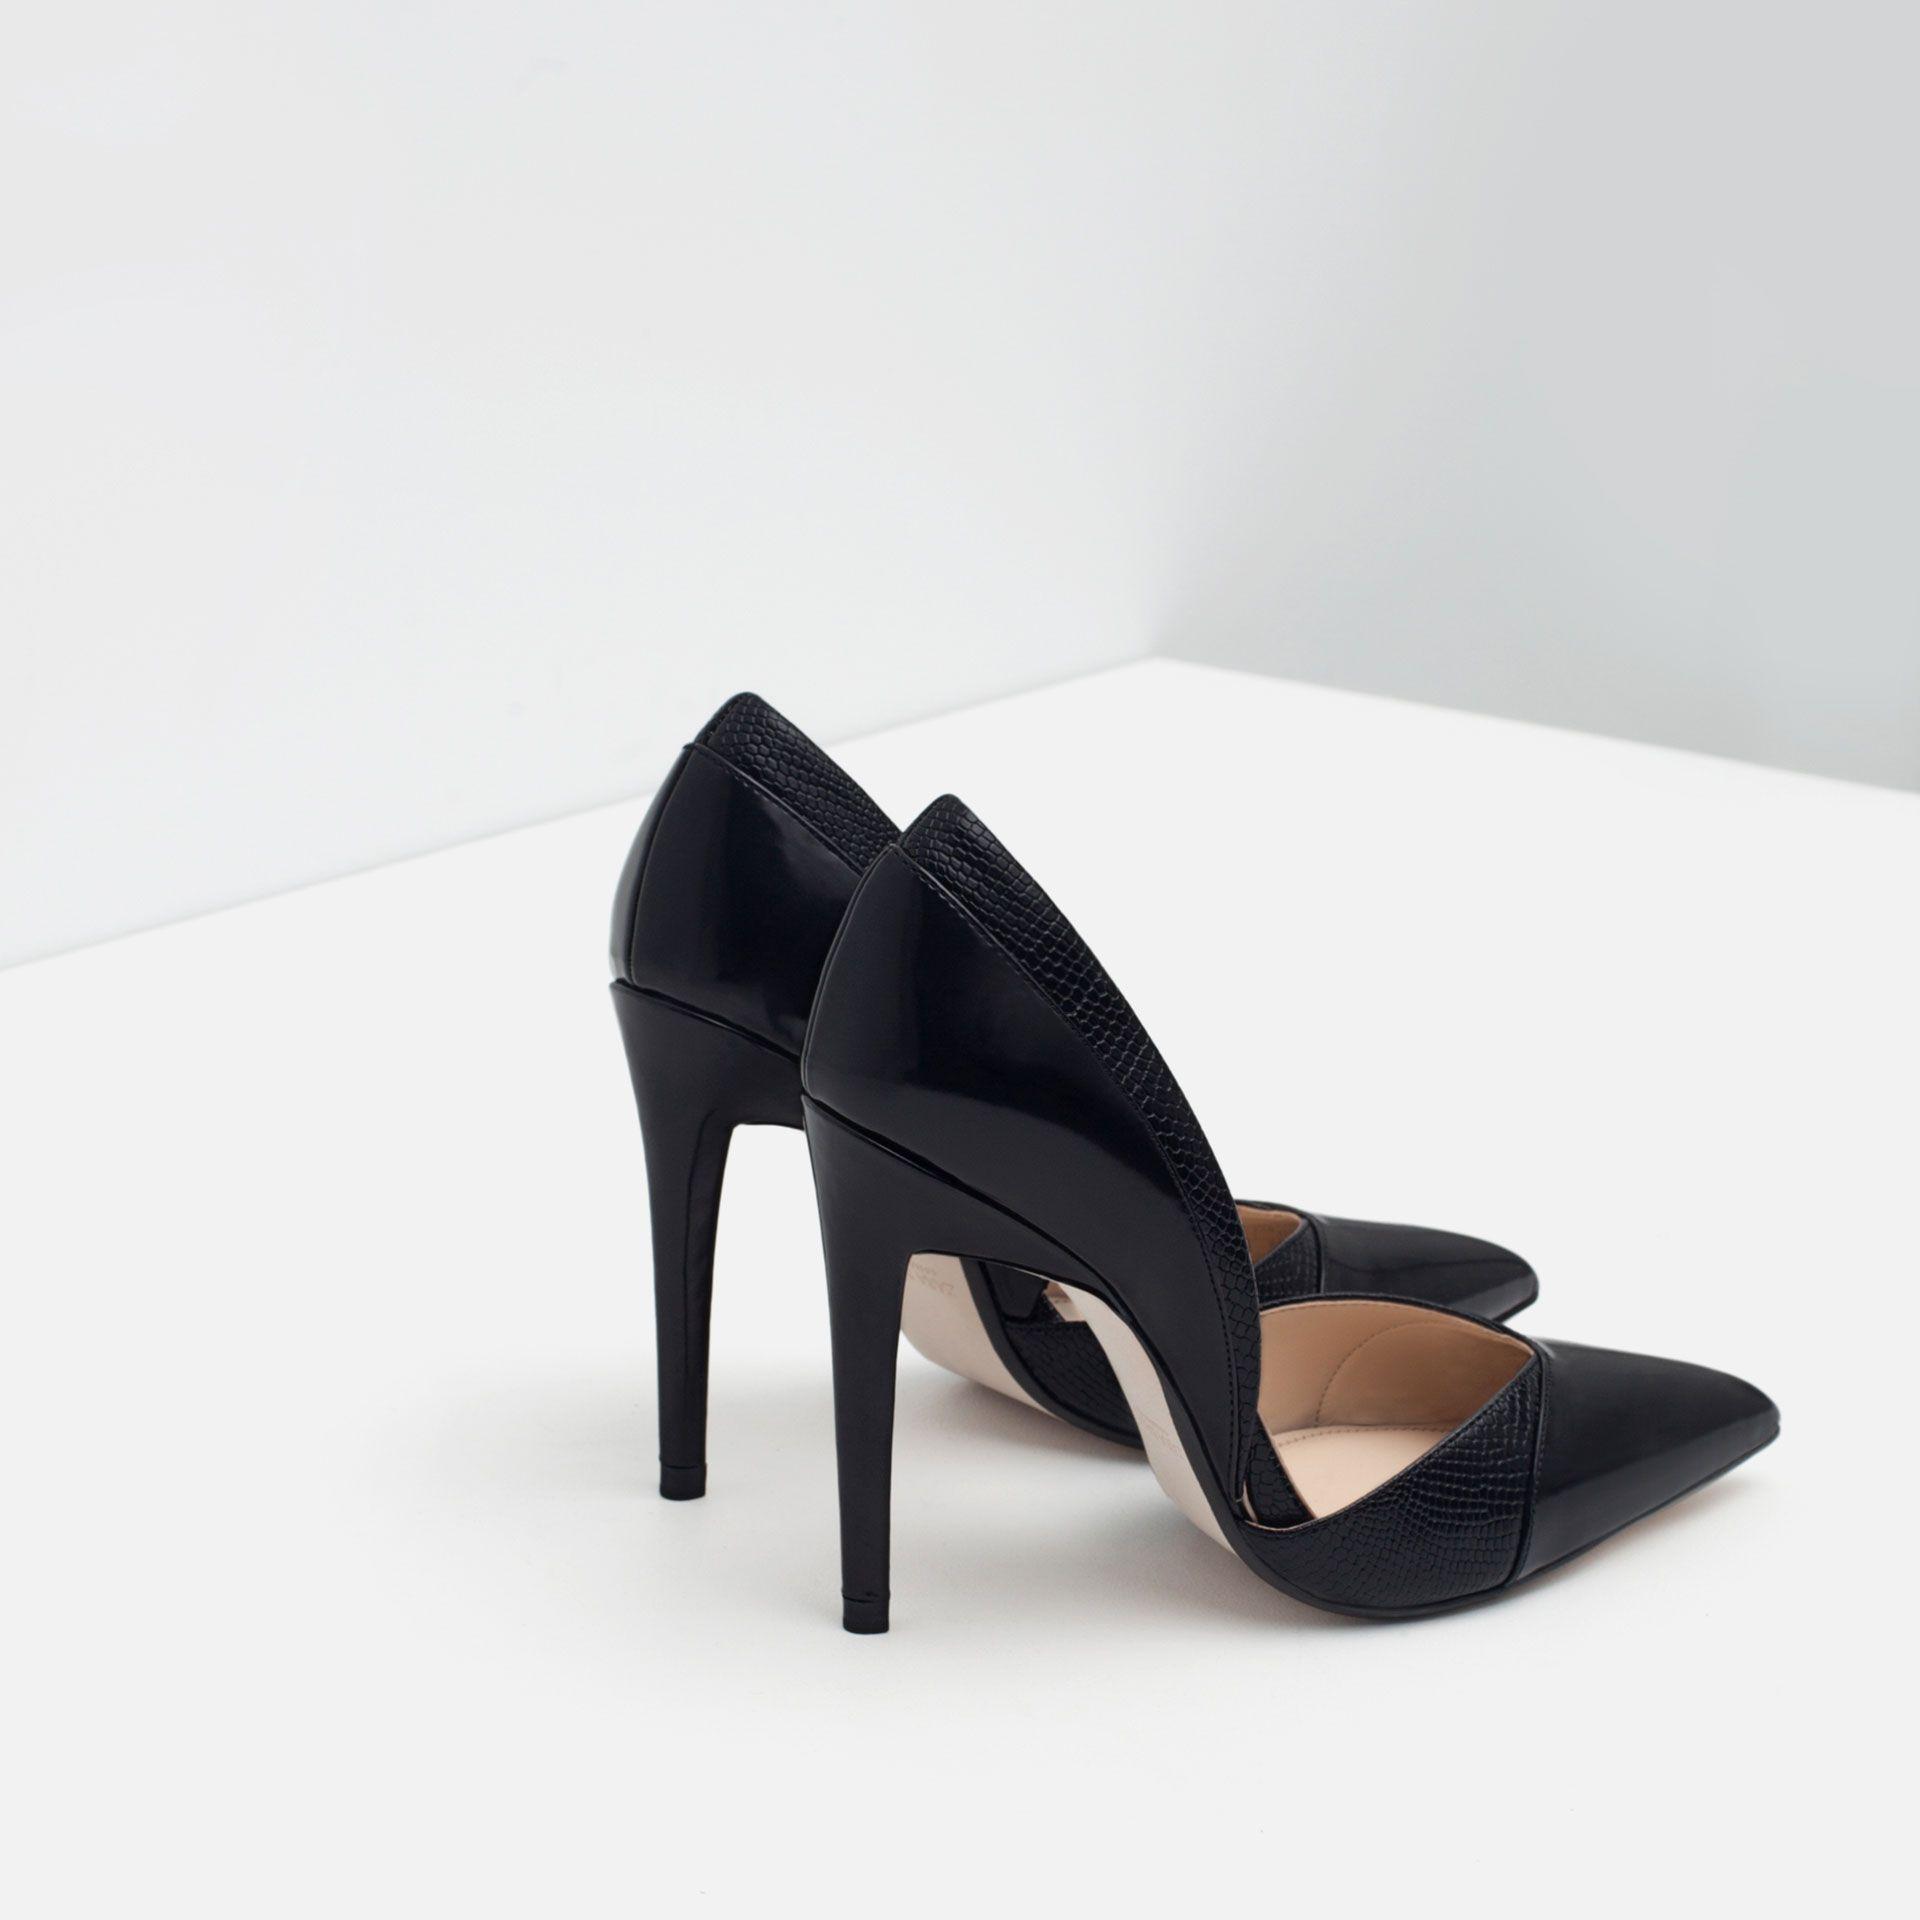 Buty Na Obcasie Z Zapietkiem Zobacz Wiecej Buty Kobieta Heels Shoes High Heels